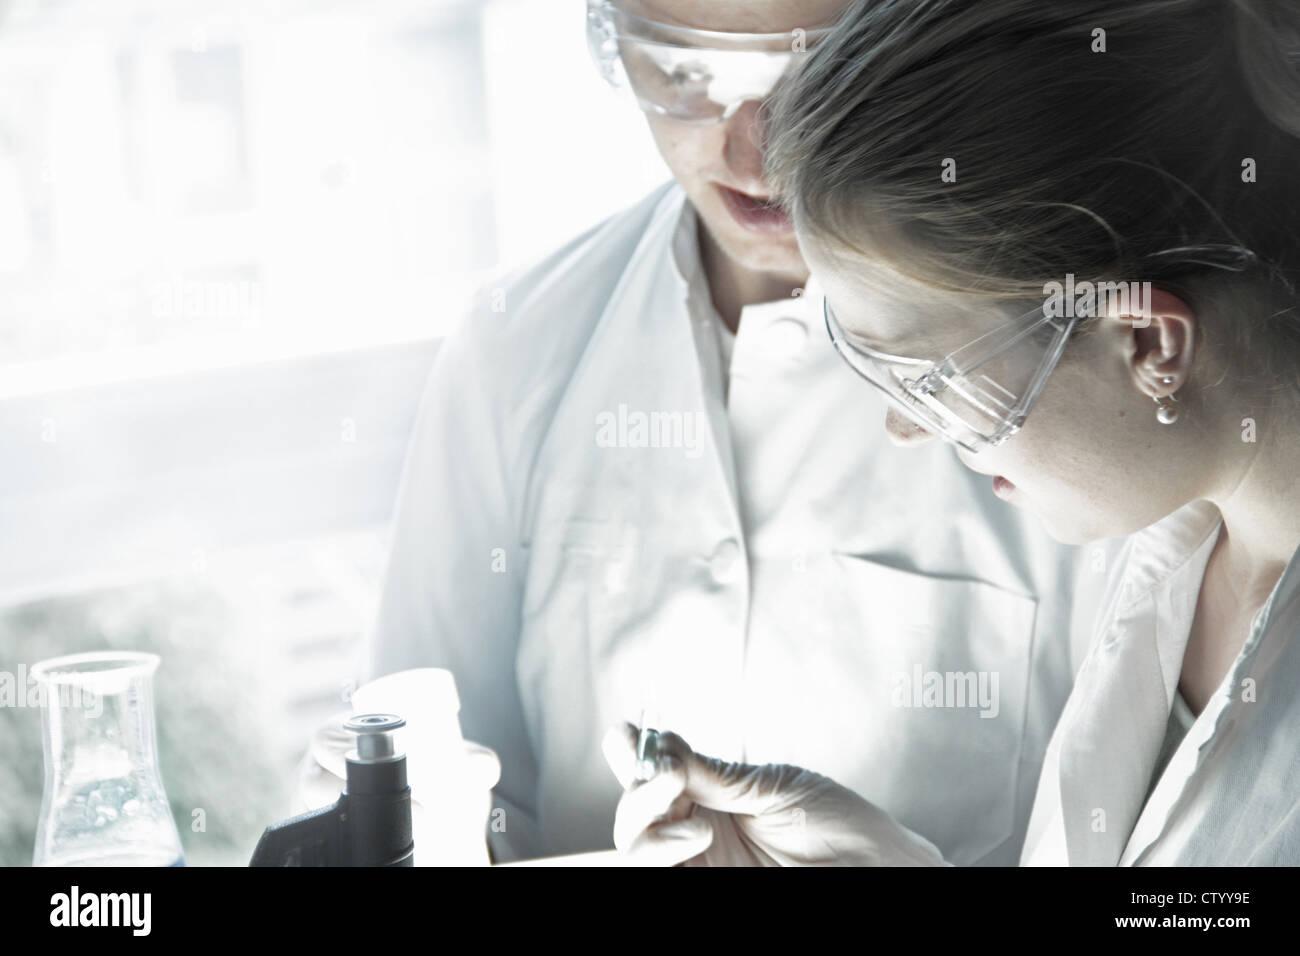 Científicos examinan el tubo de ensayo en laboratorio Imagen De Stock